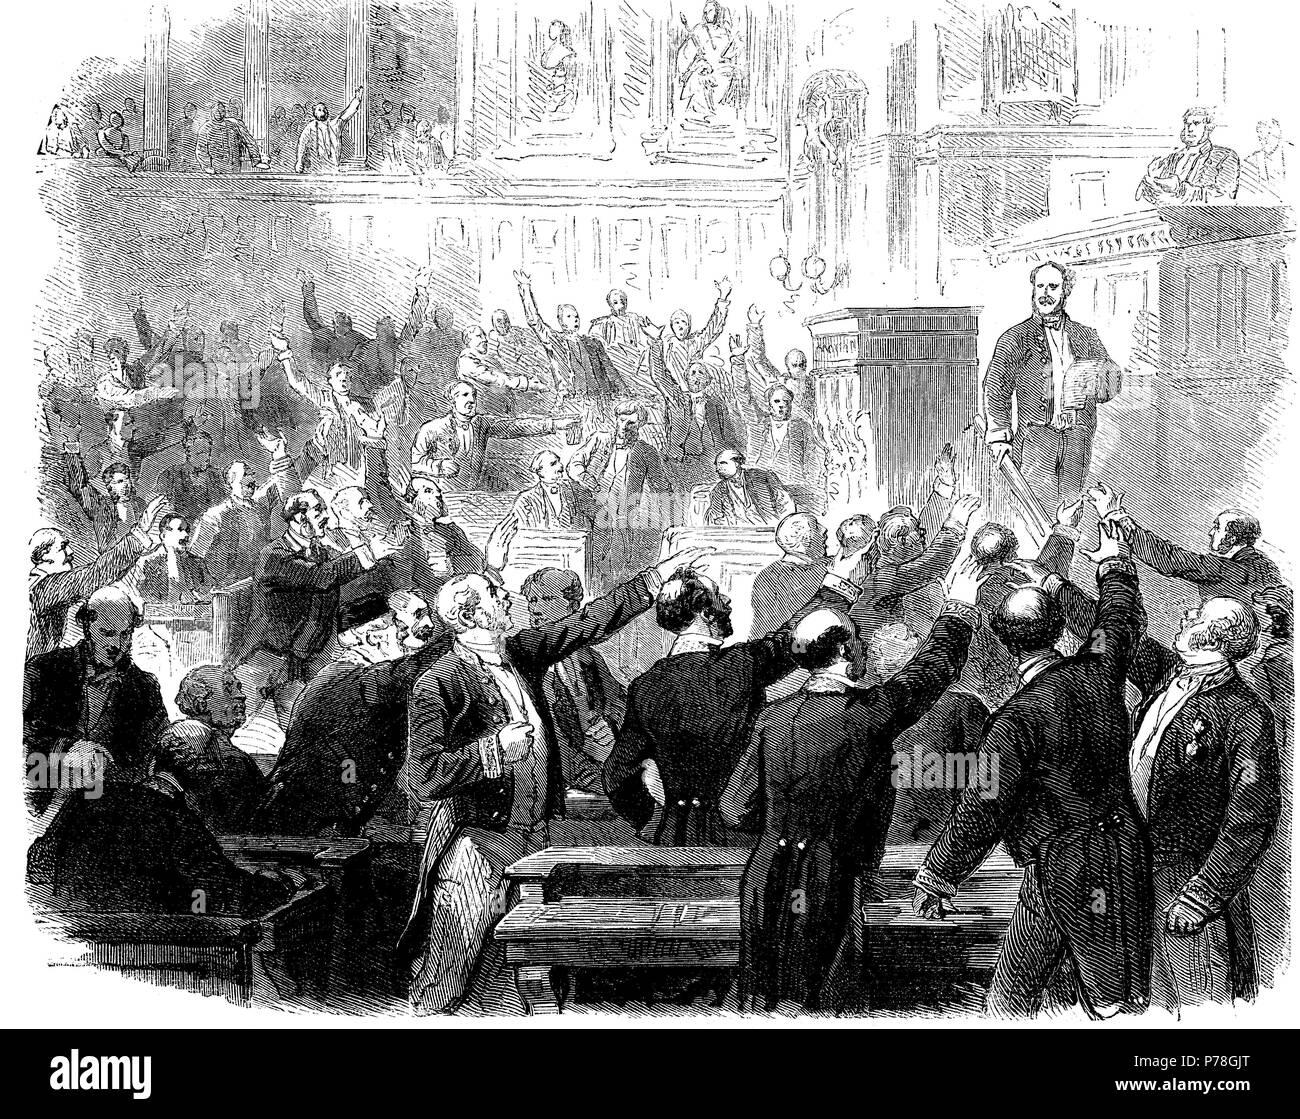 Francia. Declaración de guerra contra Prusia durante la sesión en el senado del 15 de julio de 1870. Grabado de 1870. - Stock Image